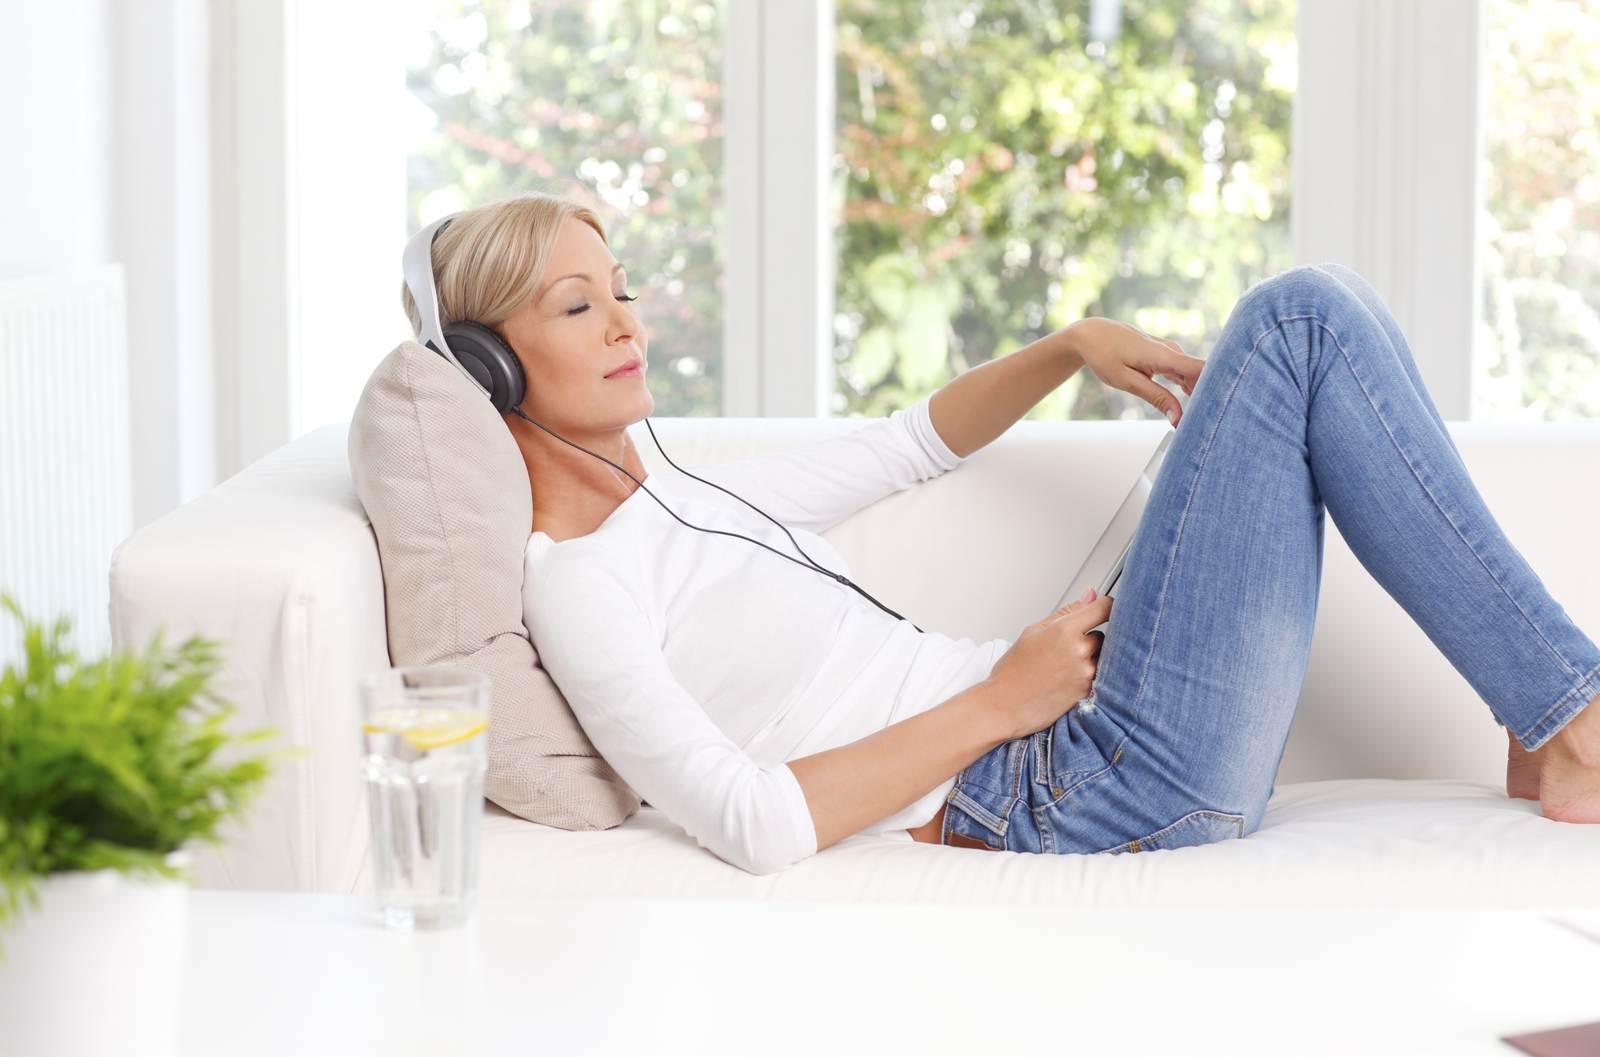 donna ascolta podcast con le cuffie